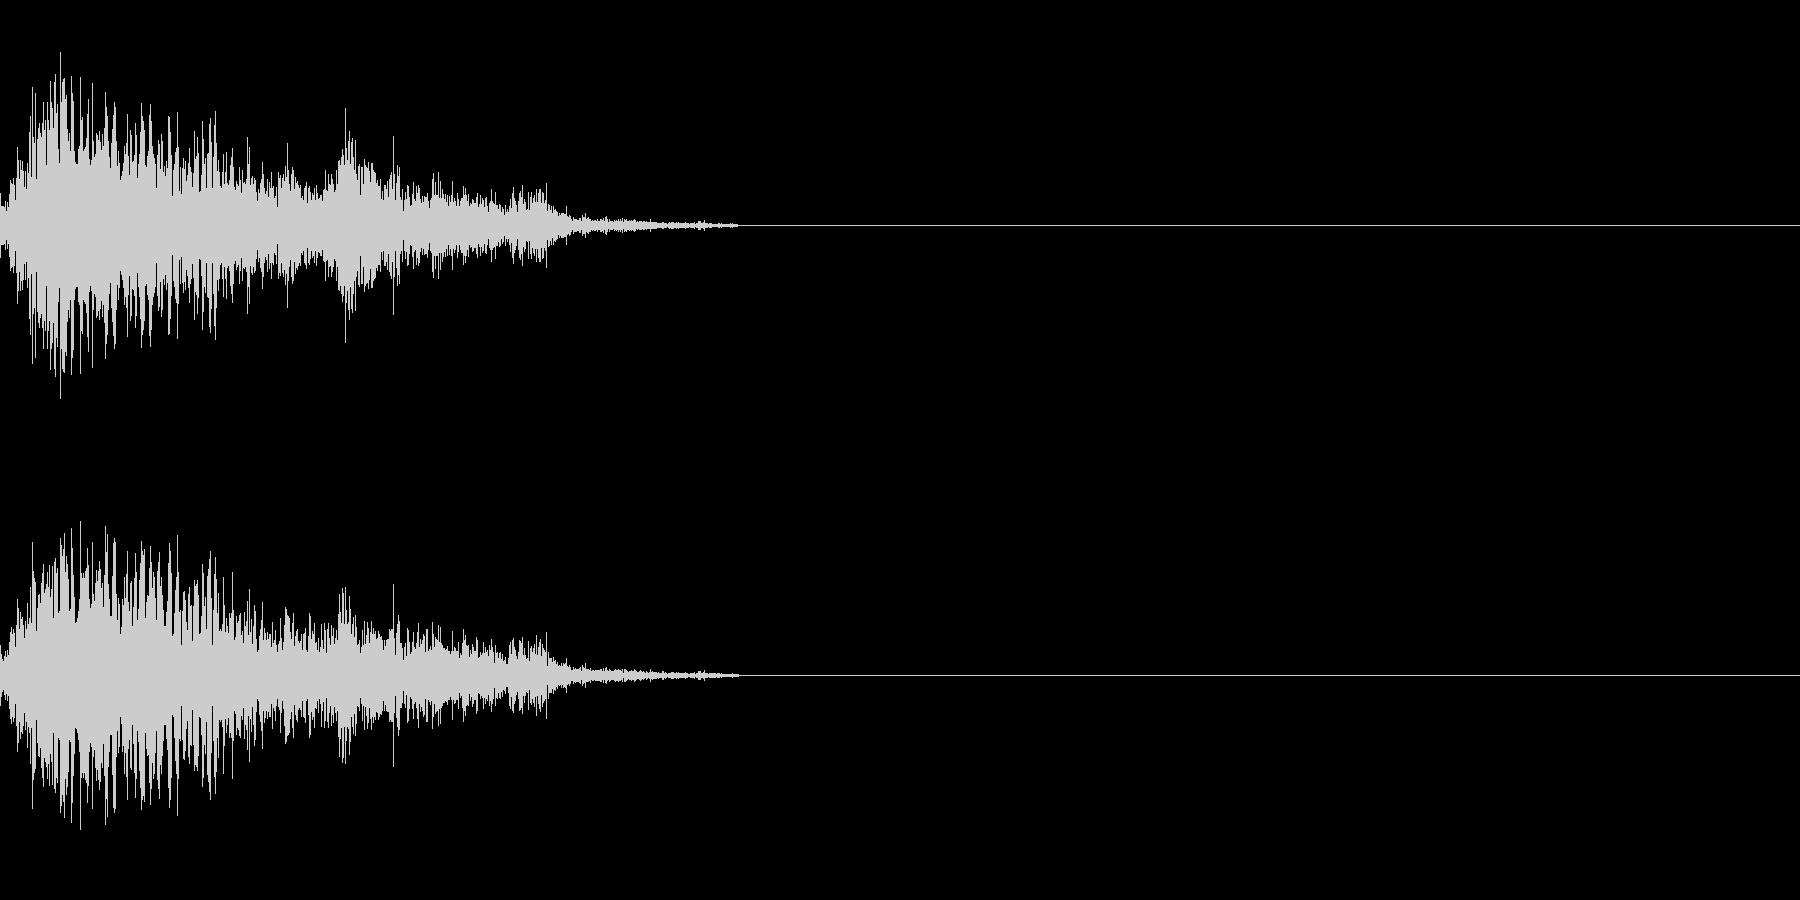 ジャンプ音 2の未再生の波形